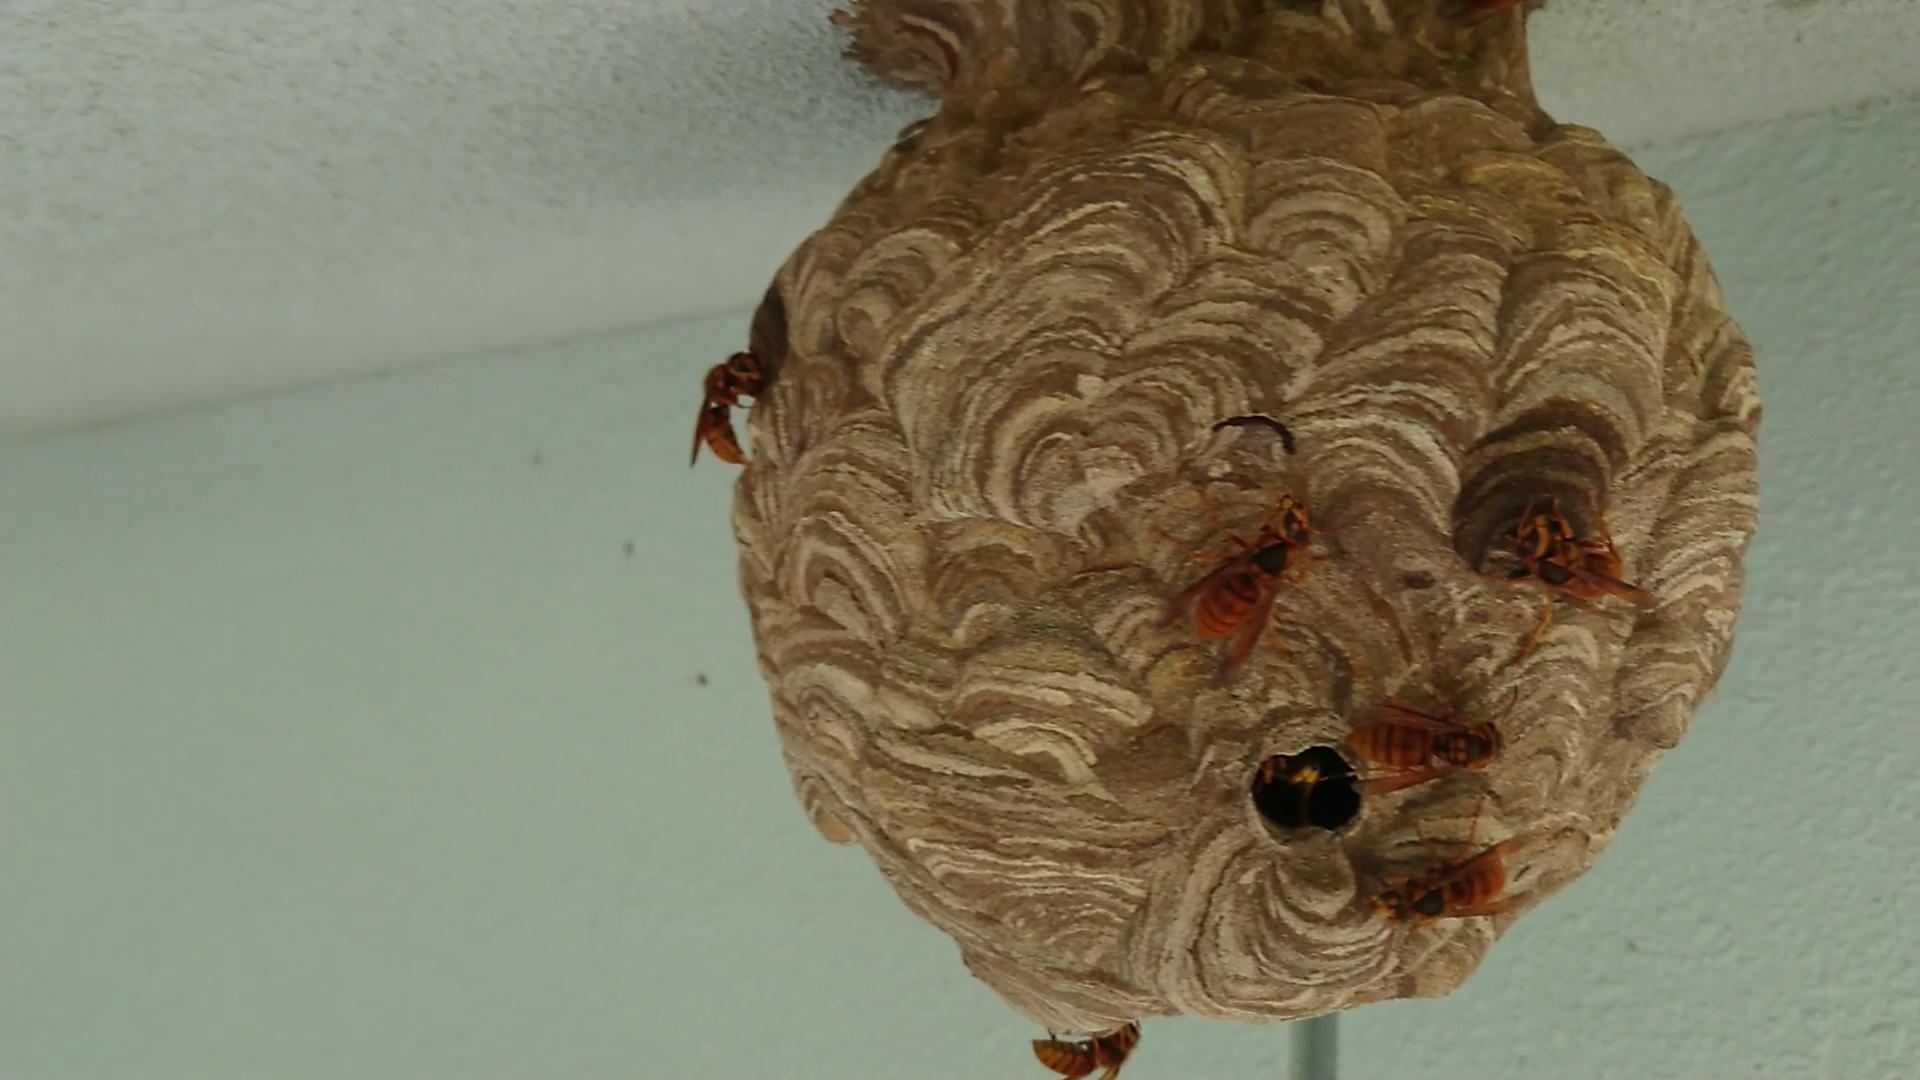 40cmクラスの巨大なスズメバチの巣の駆除